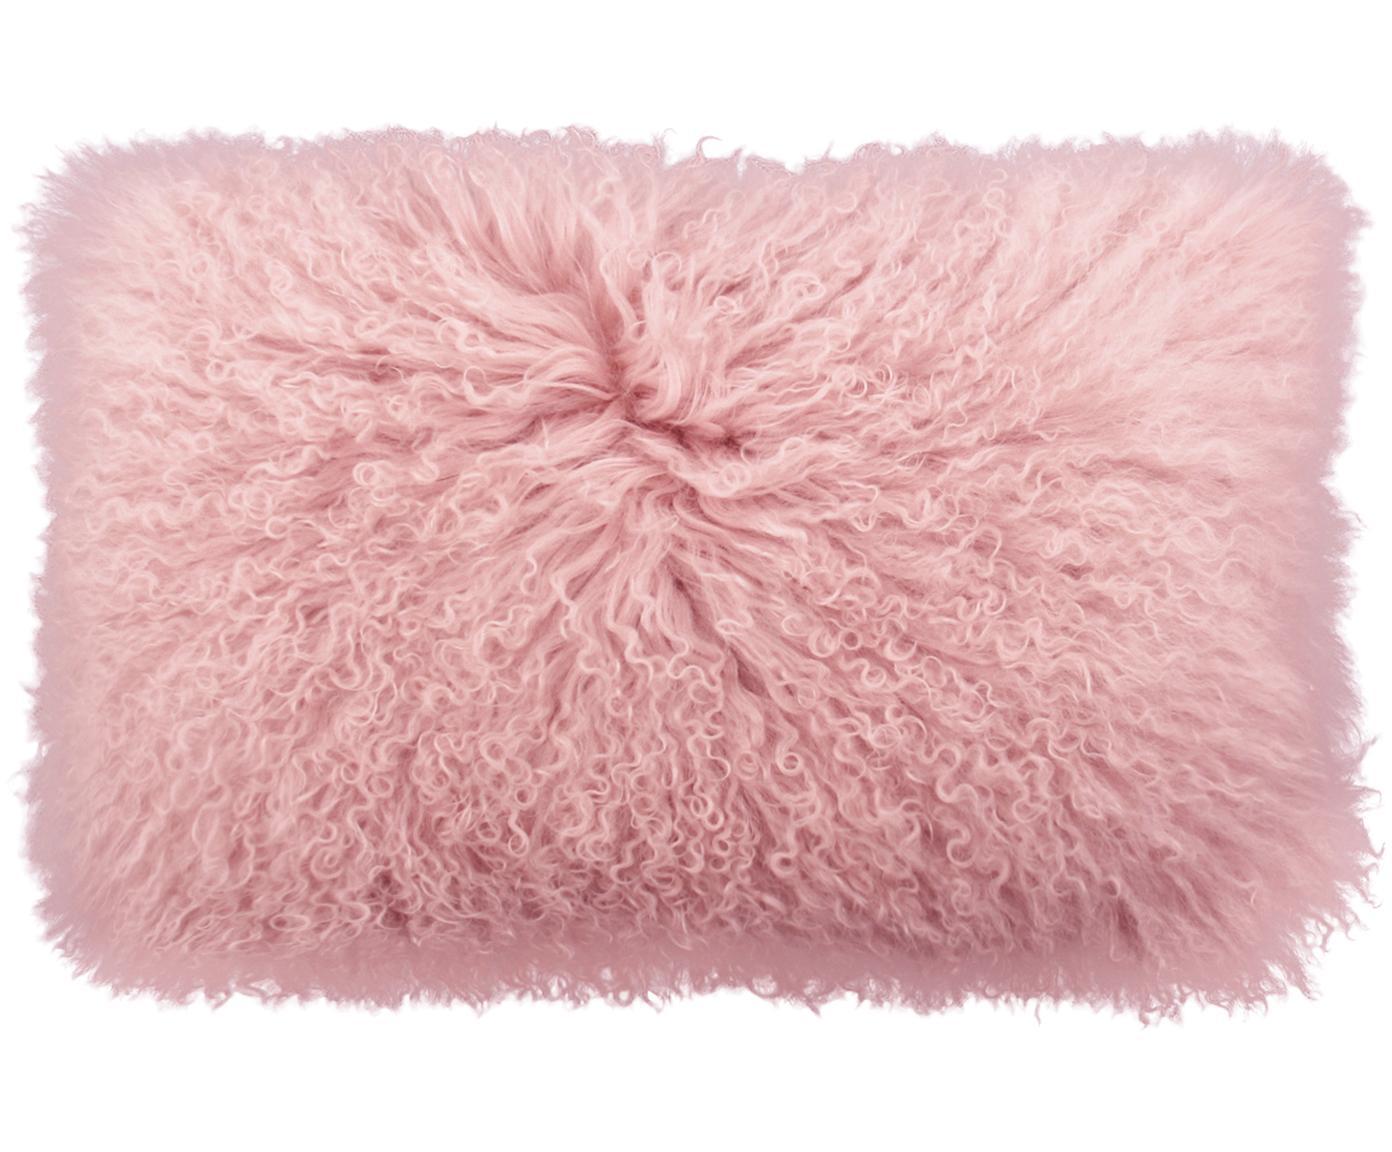 Federa arredo in pelliccia d'agnello a pelo lungo Ella, Retro: 100% poliestere, Rosa, Larg. 30 x Lung. 50 cm